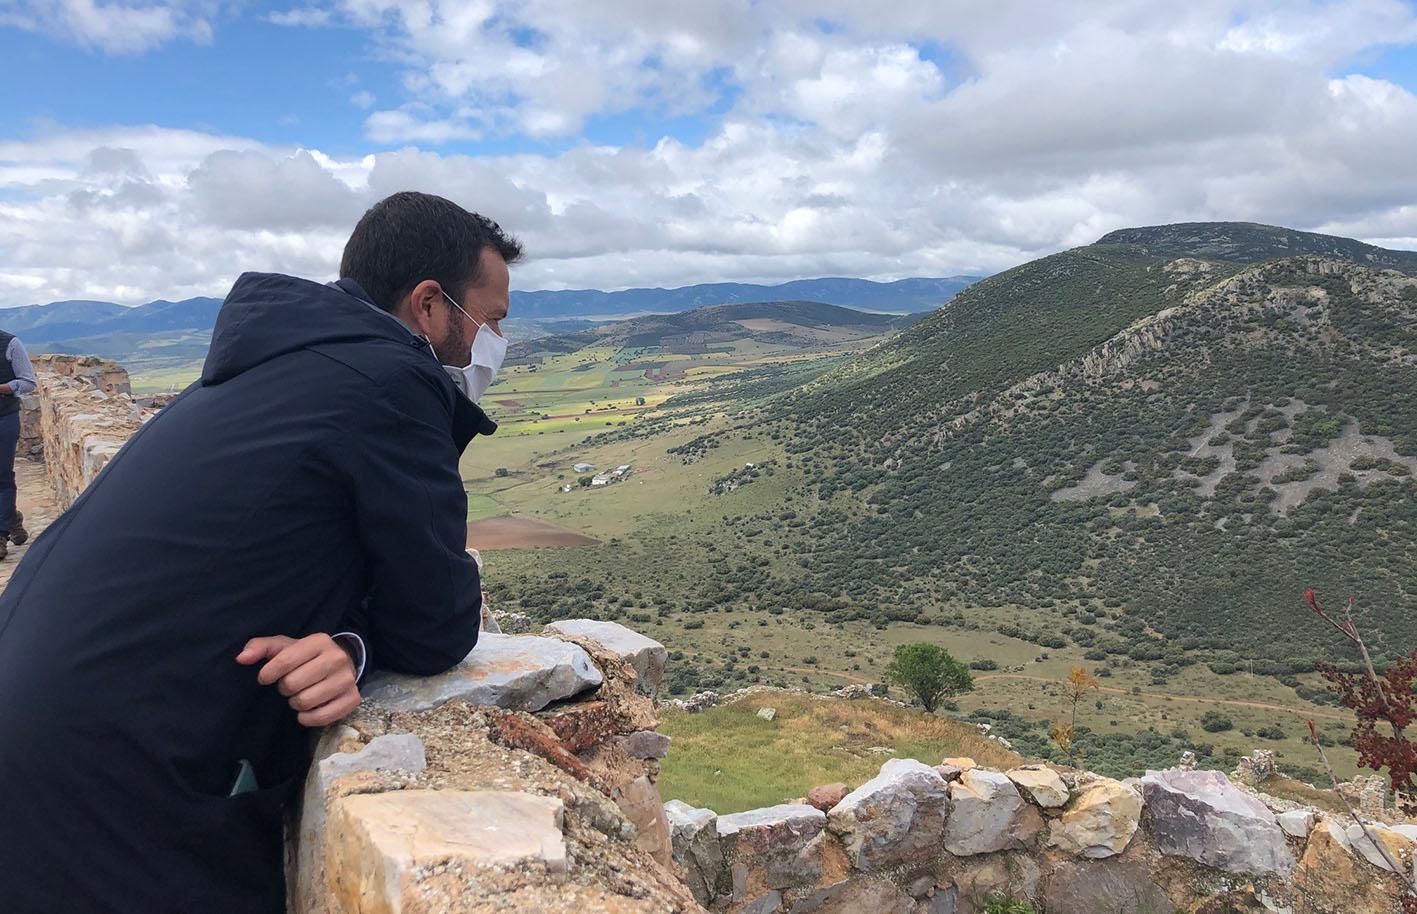 El consejero de Desarrollo Sostenible, José Luis Escudero, disfrutando de un bello paraje de Castilla-La Mancha. En julio y agosto habrá rutas variadas y gratuitas.